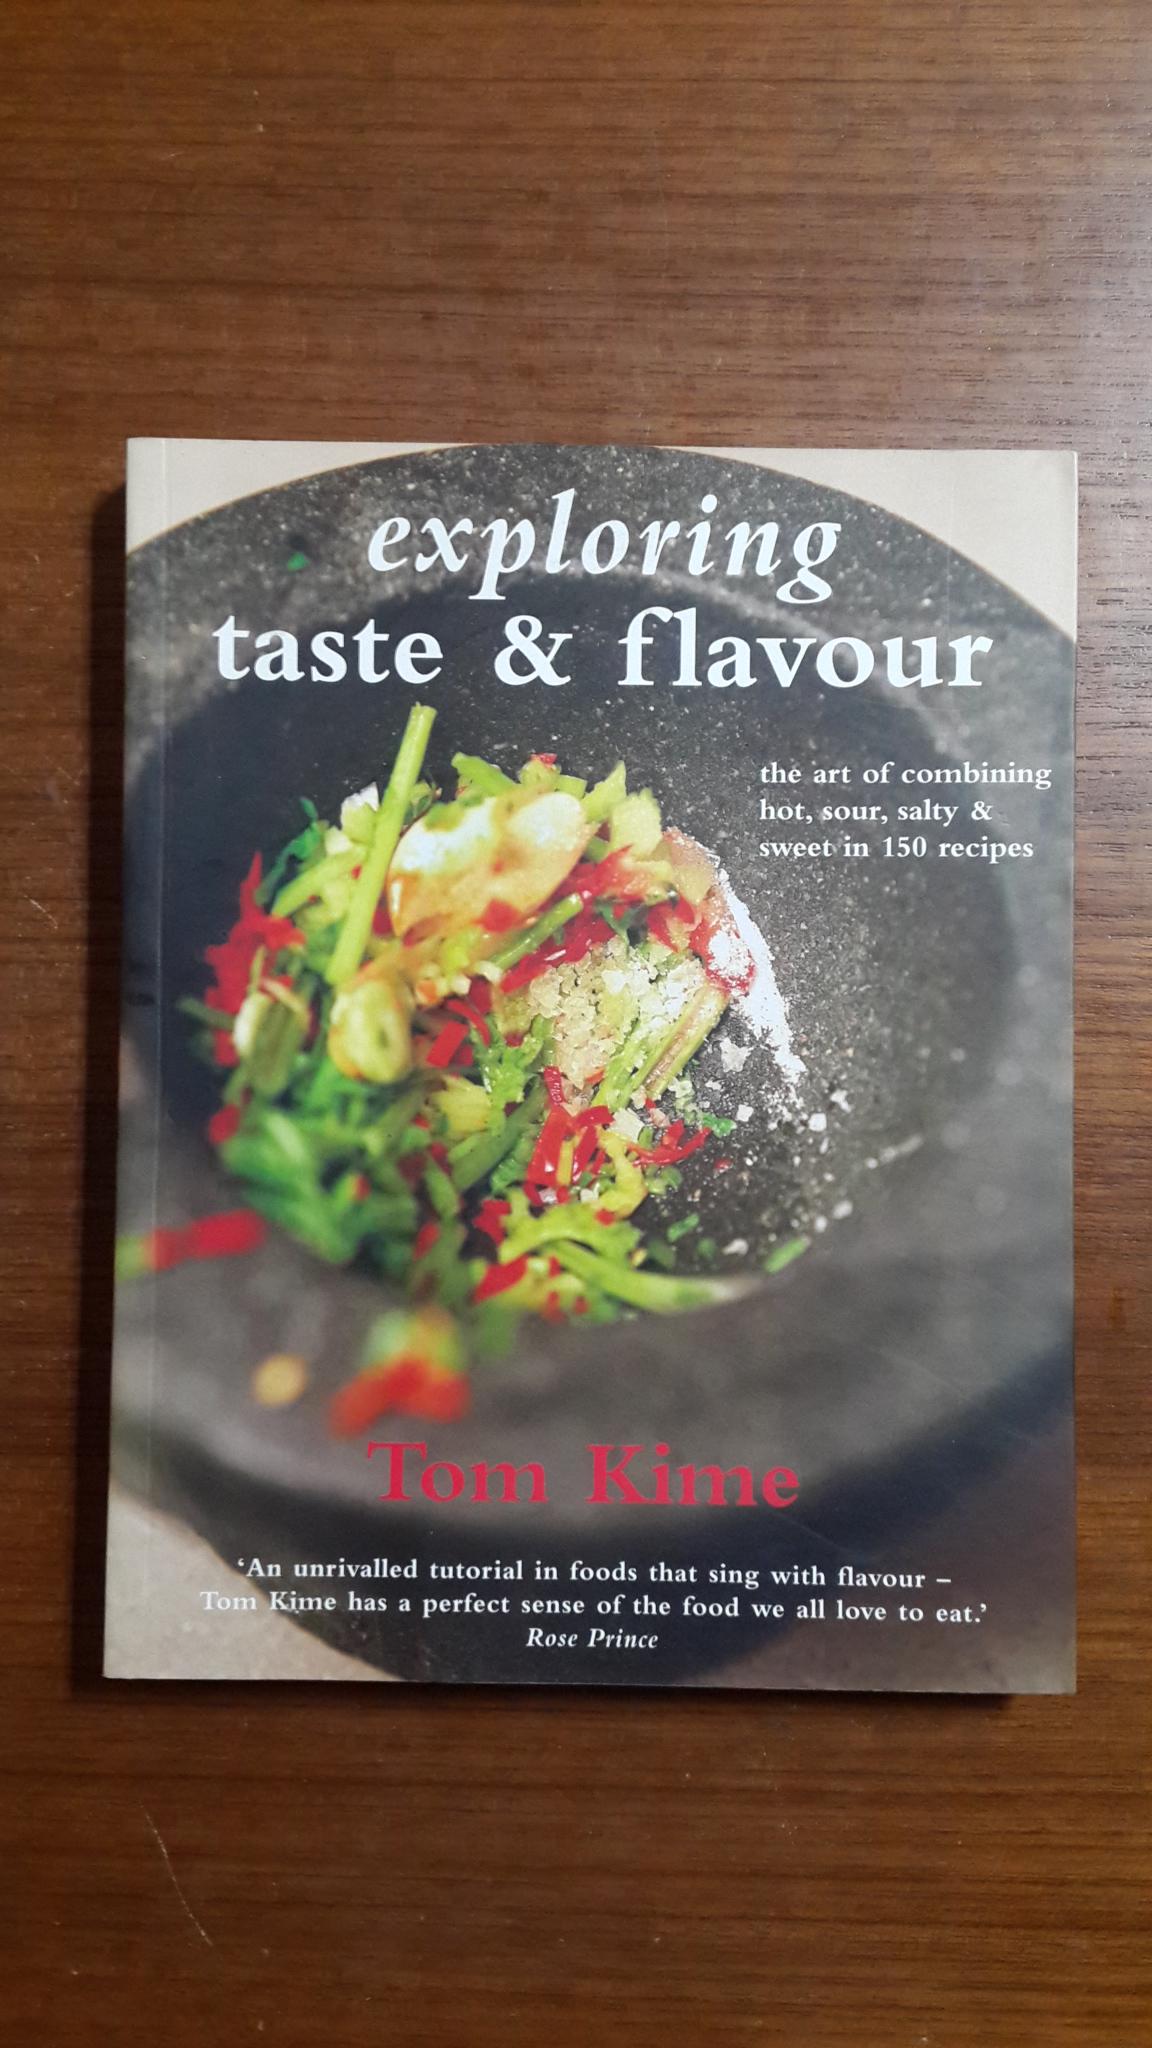 exploring taste & flavour / Tom Kime